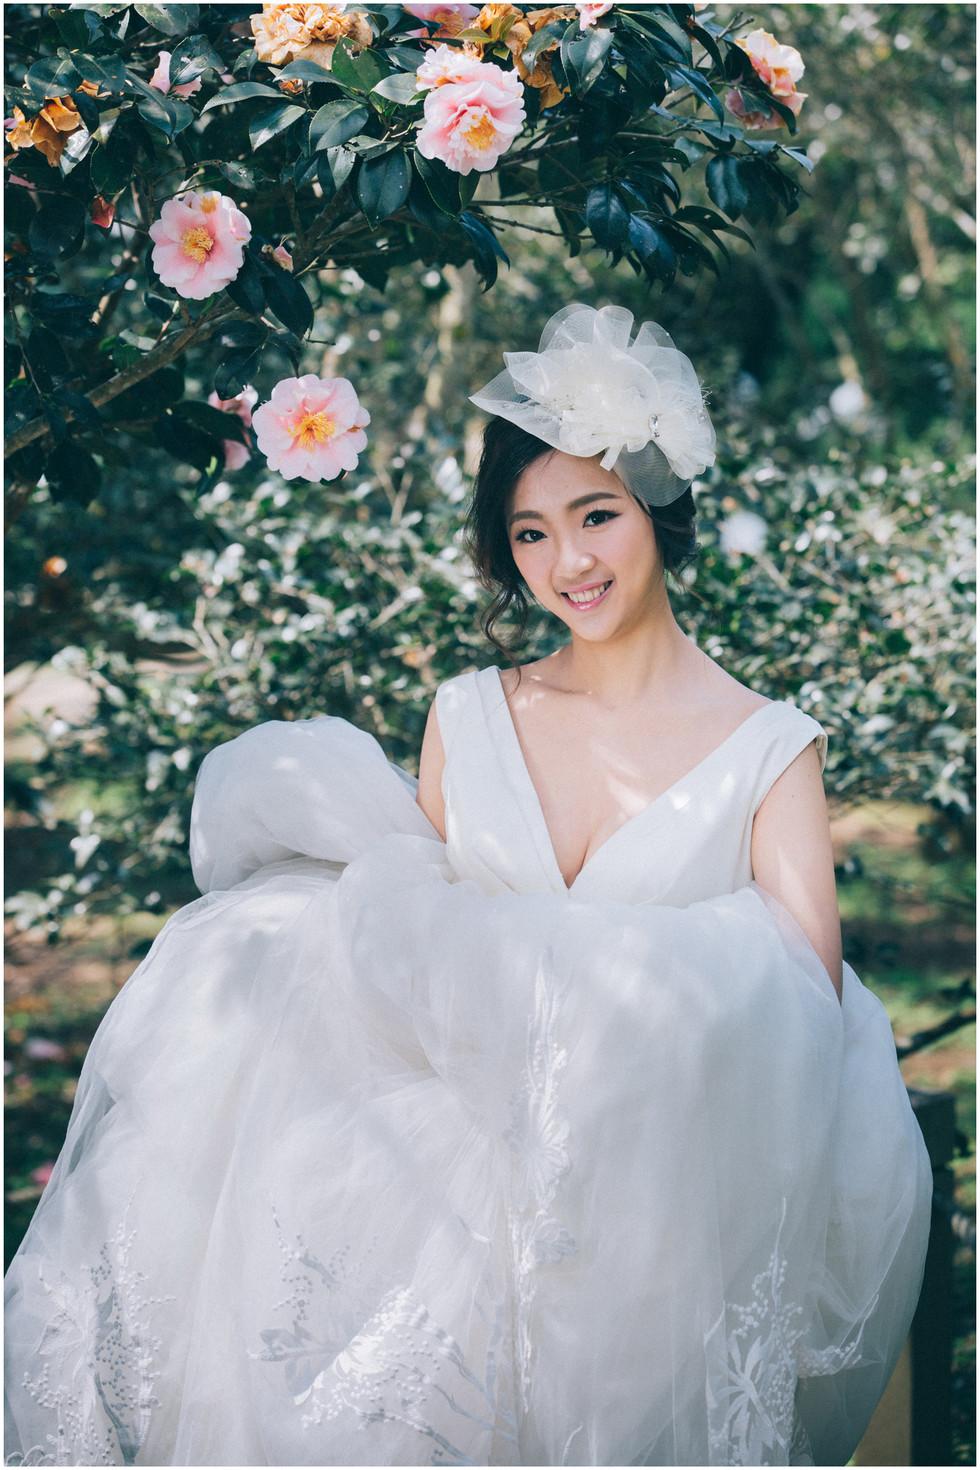 寵物婚紗 / 黑森林 / 美軍宿舍 / 華山藝文特區 / 花卉試驗中心 / 自然系婚紗 / 素人婚紗